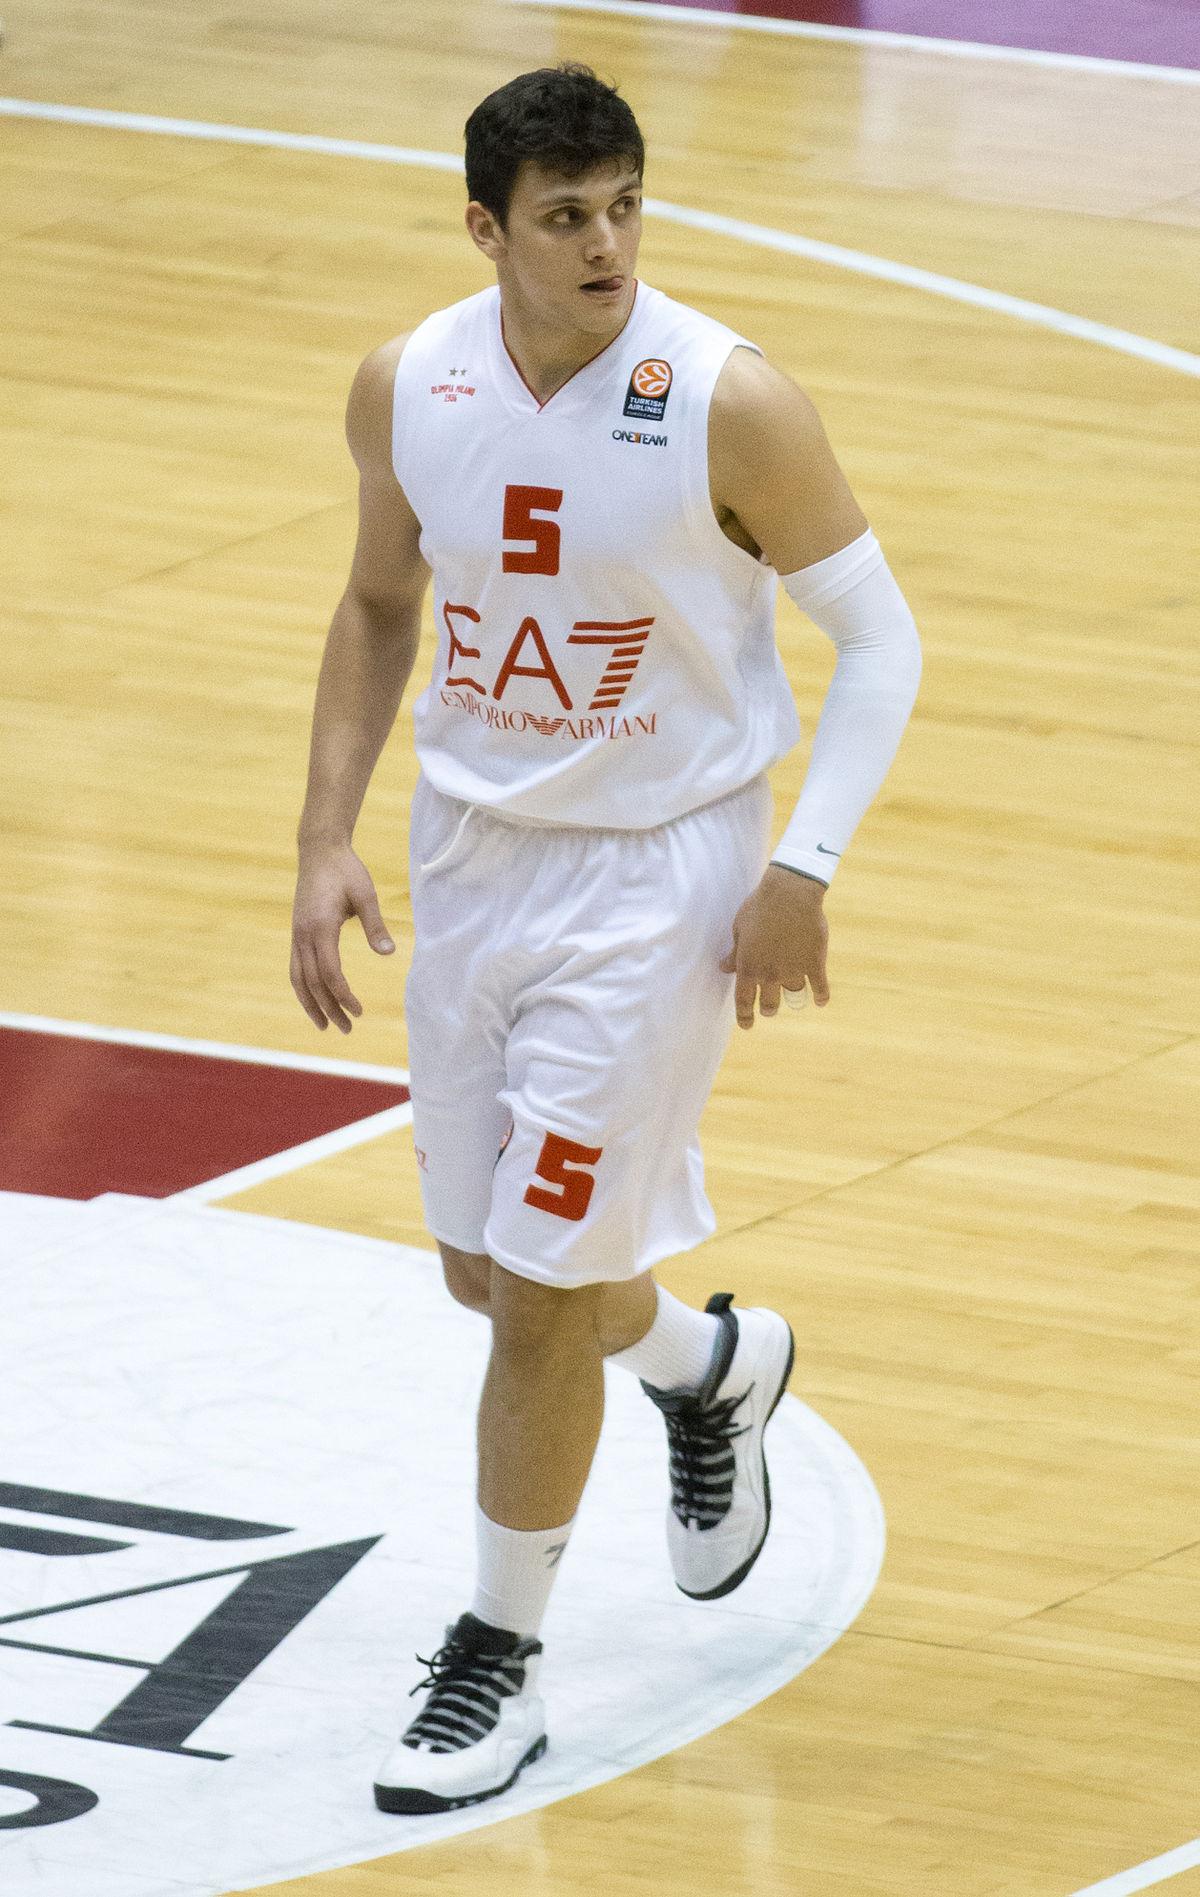 Alessandro Gentile - Wikipedia